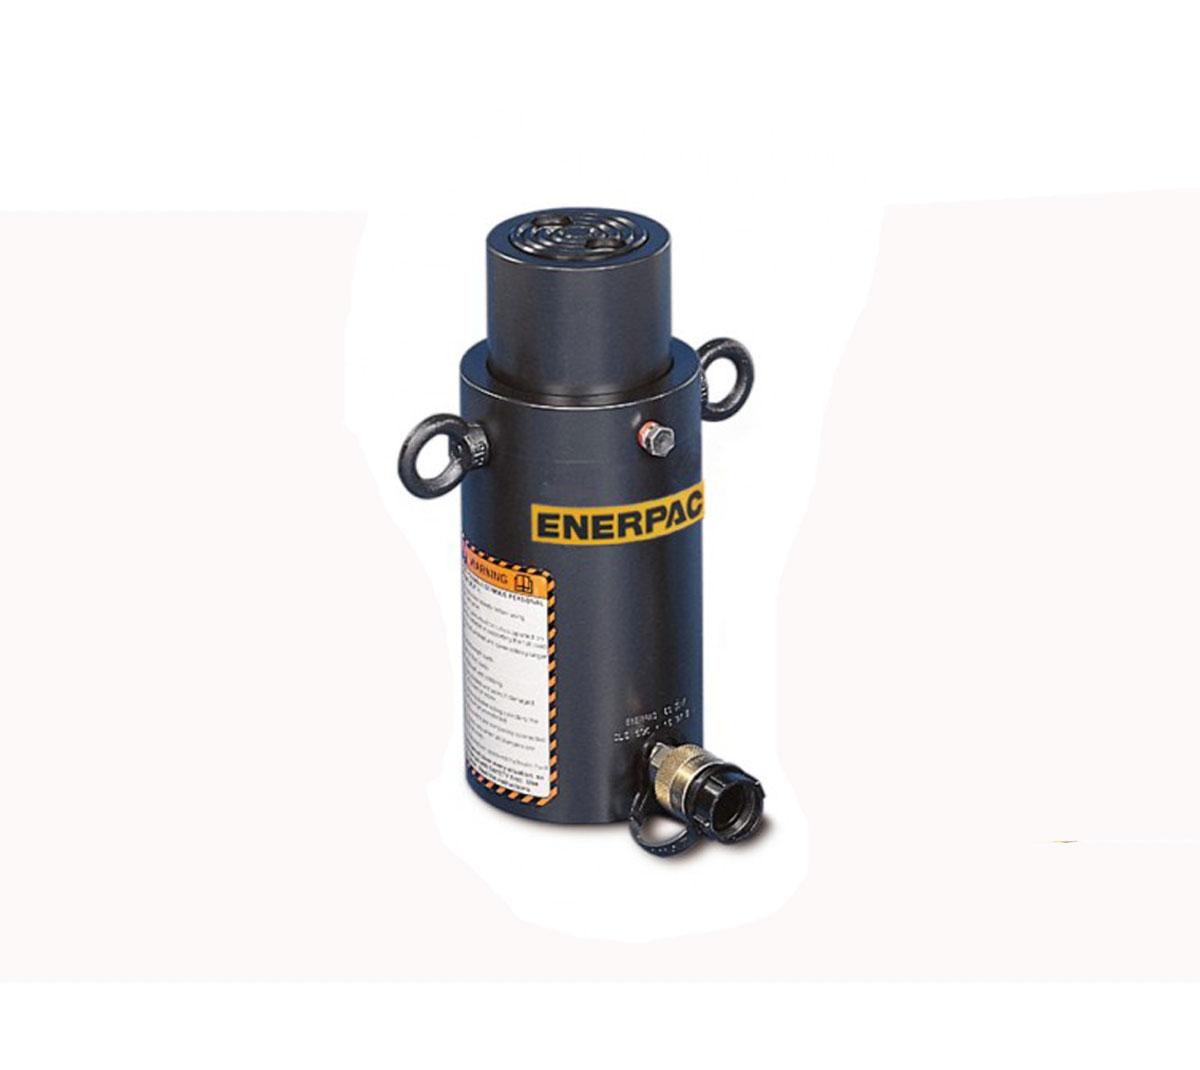 enerpac-cls506-hydraulic-cylinder-rental